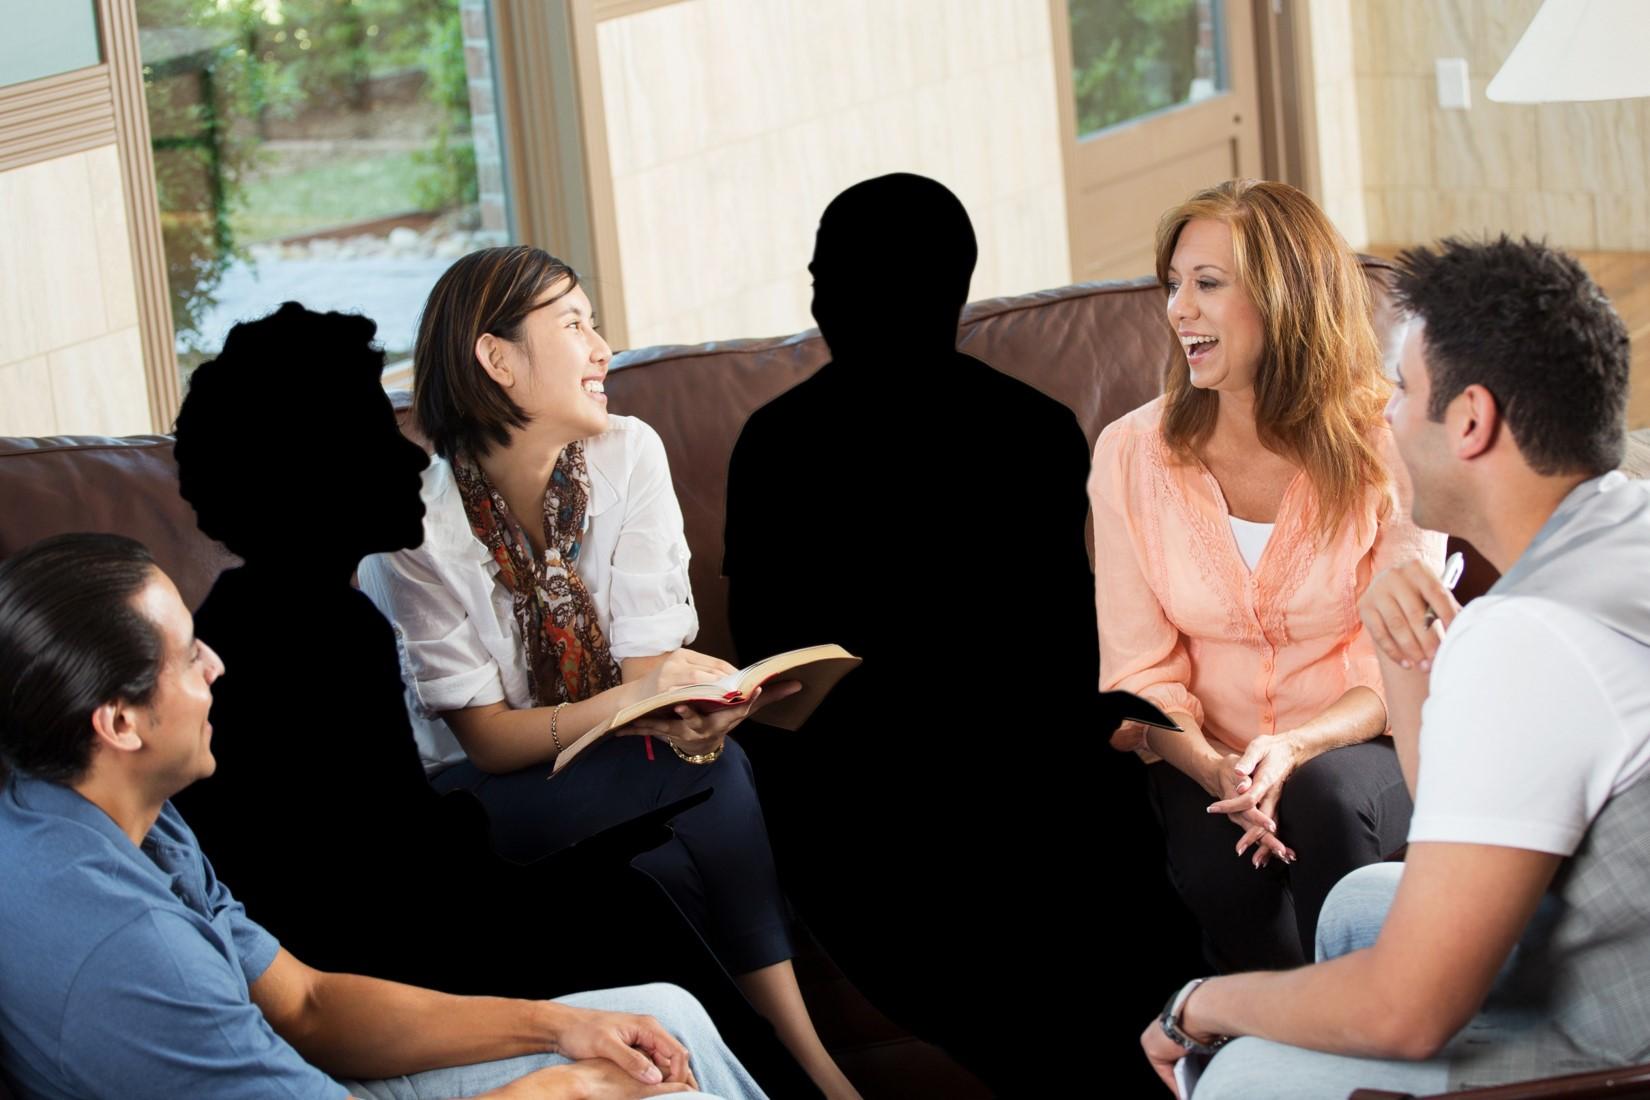 church-group.jpg